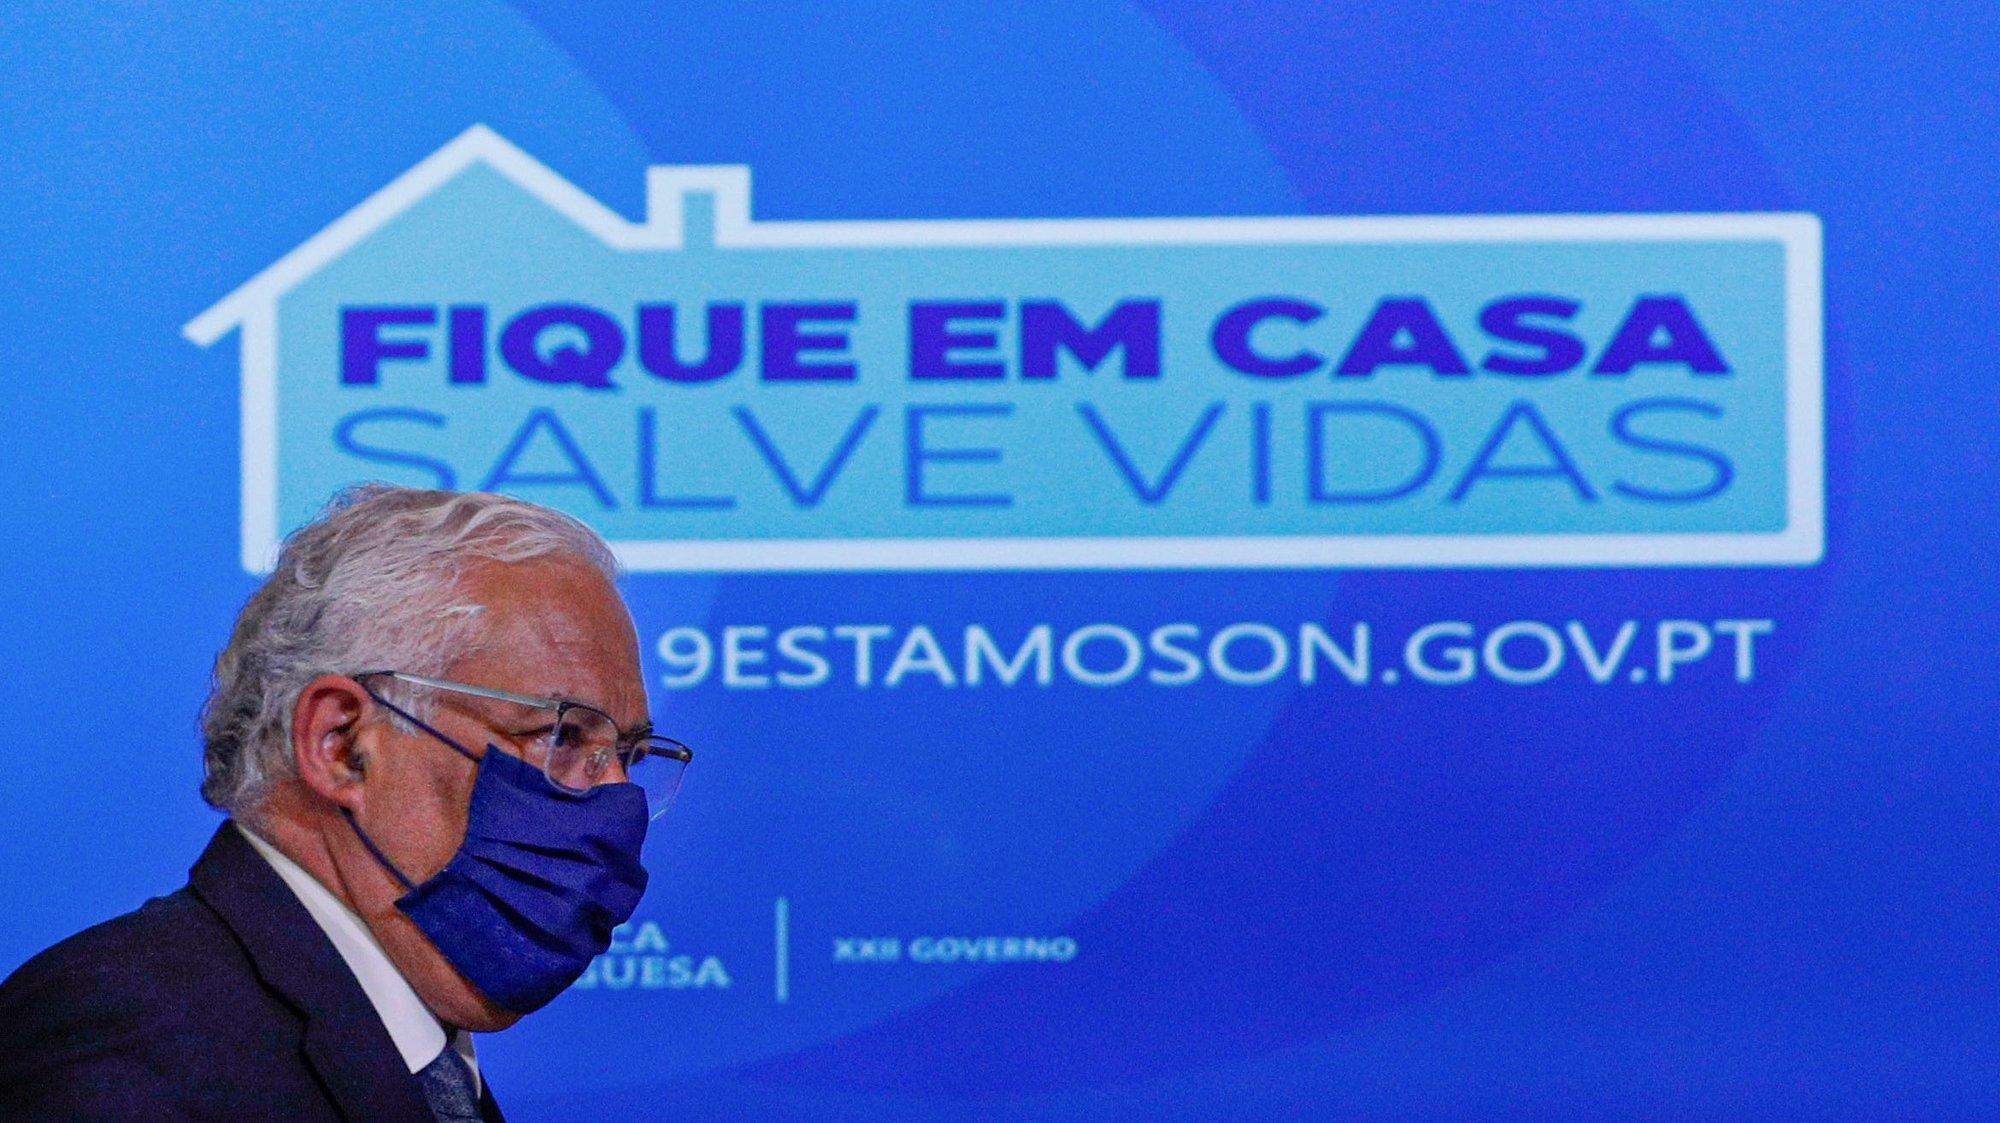 O primeiro-ministro, António Costa, intervem durante  o briefing da Reunião do Conselho de Ministros, no Palácio da Ajuda, em Lisboa,  26 de fevereiro de 2021. A renovação do estado de emergência, o 12.º desde o início da pandemia de covid-19, foi aprovada com os votos a favor de PS, PSD, CDS, PAN e da deputada não inscrita Cristina Rodrigues, os votos contra de PCP, Os Verdes, Iniciativa Liberal, Chega e Joacine Katar Moreira e a abstenção do Bloco de Esquerda. ANTÓNIO COTRIM/LUSA